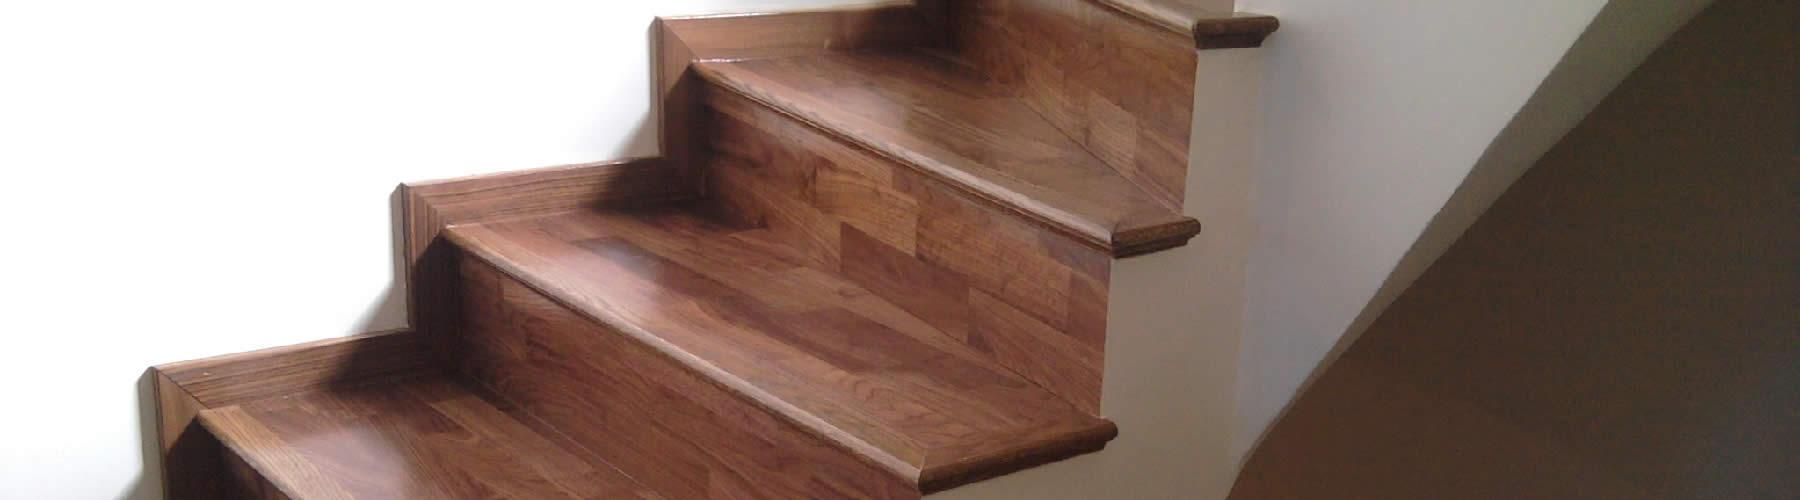 Υλικά ξυλείας για κάθε κατασκευή!